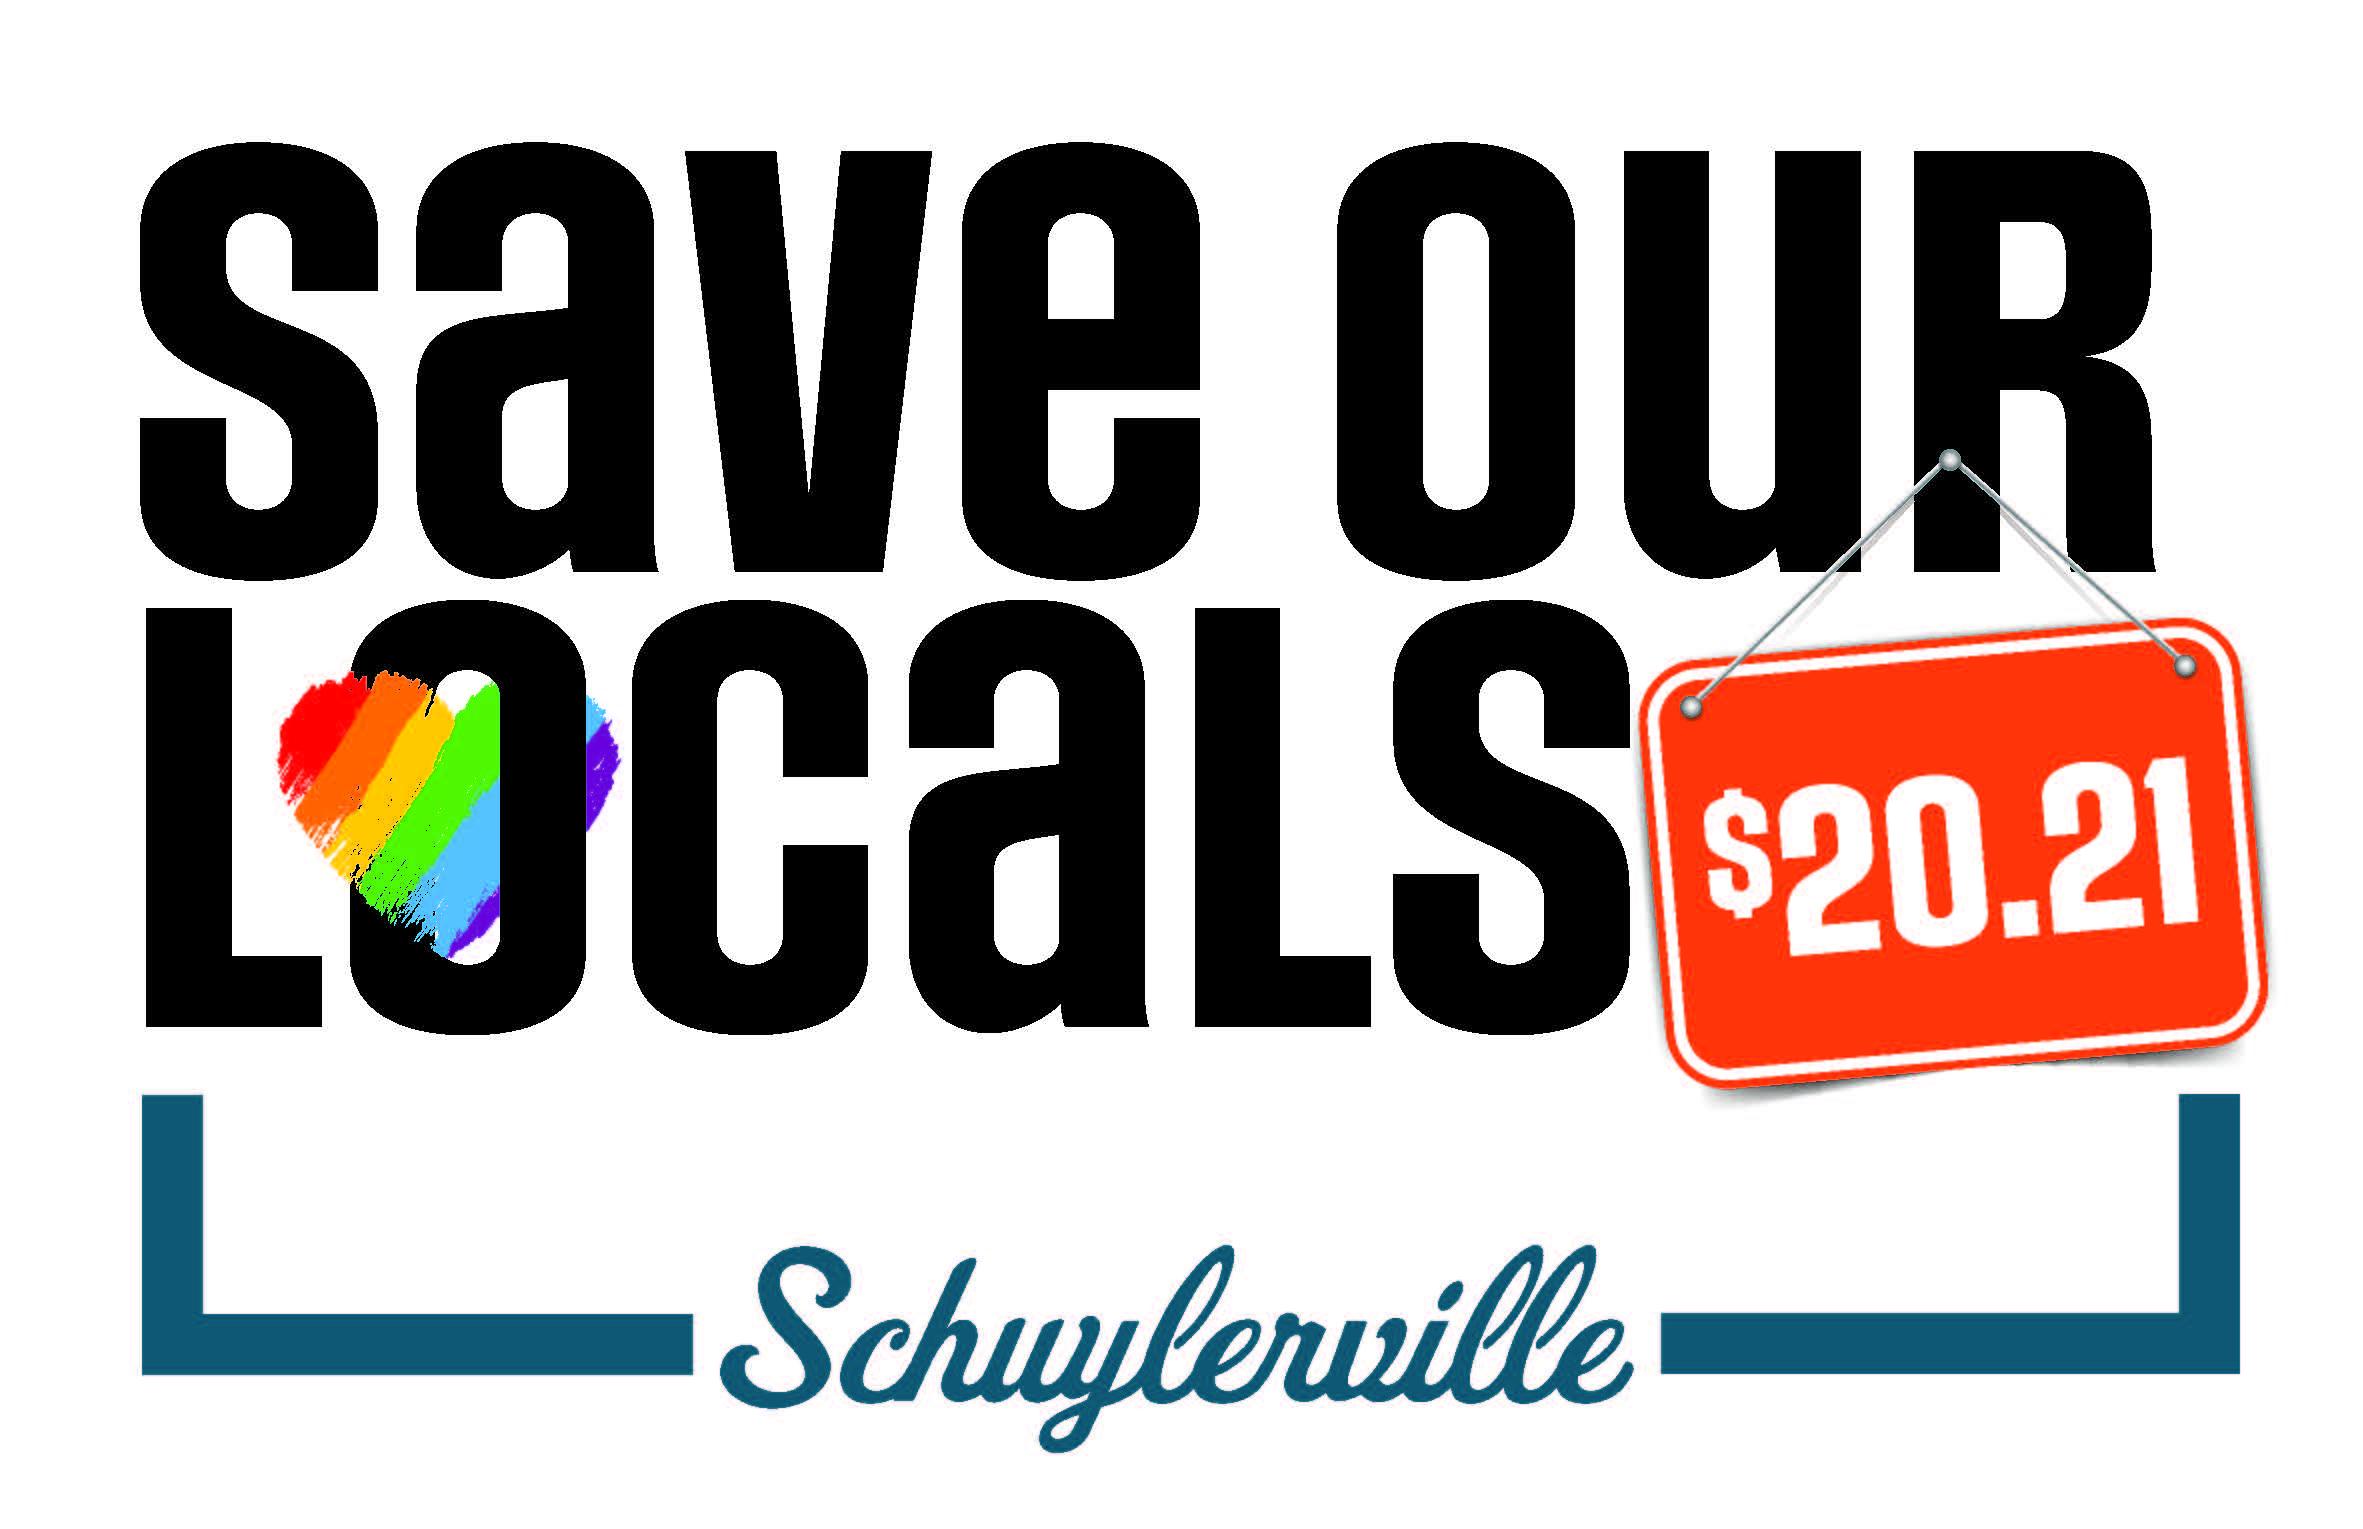 Save Our Locals 2021 Schuylerville